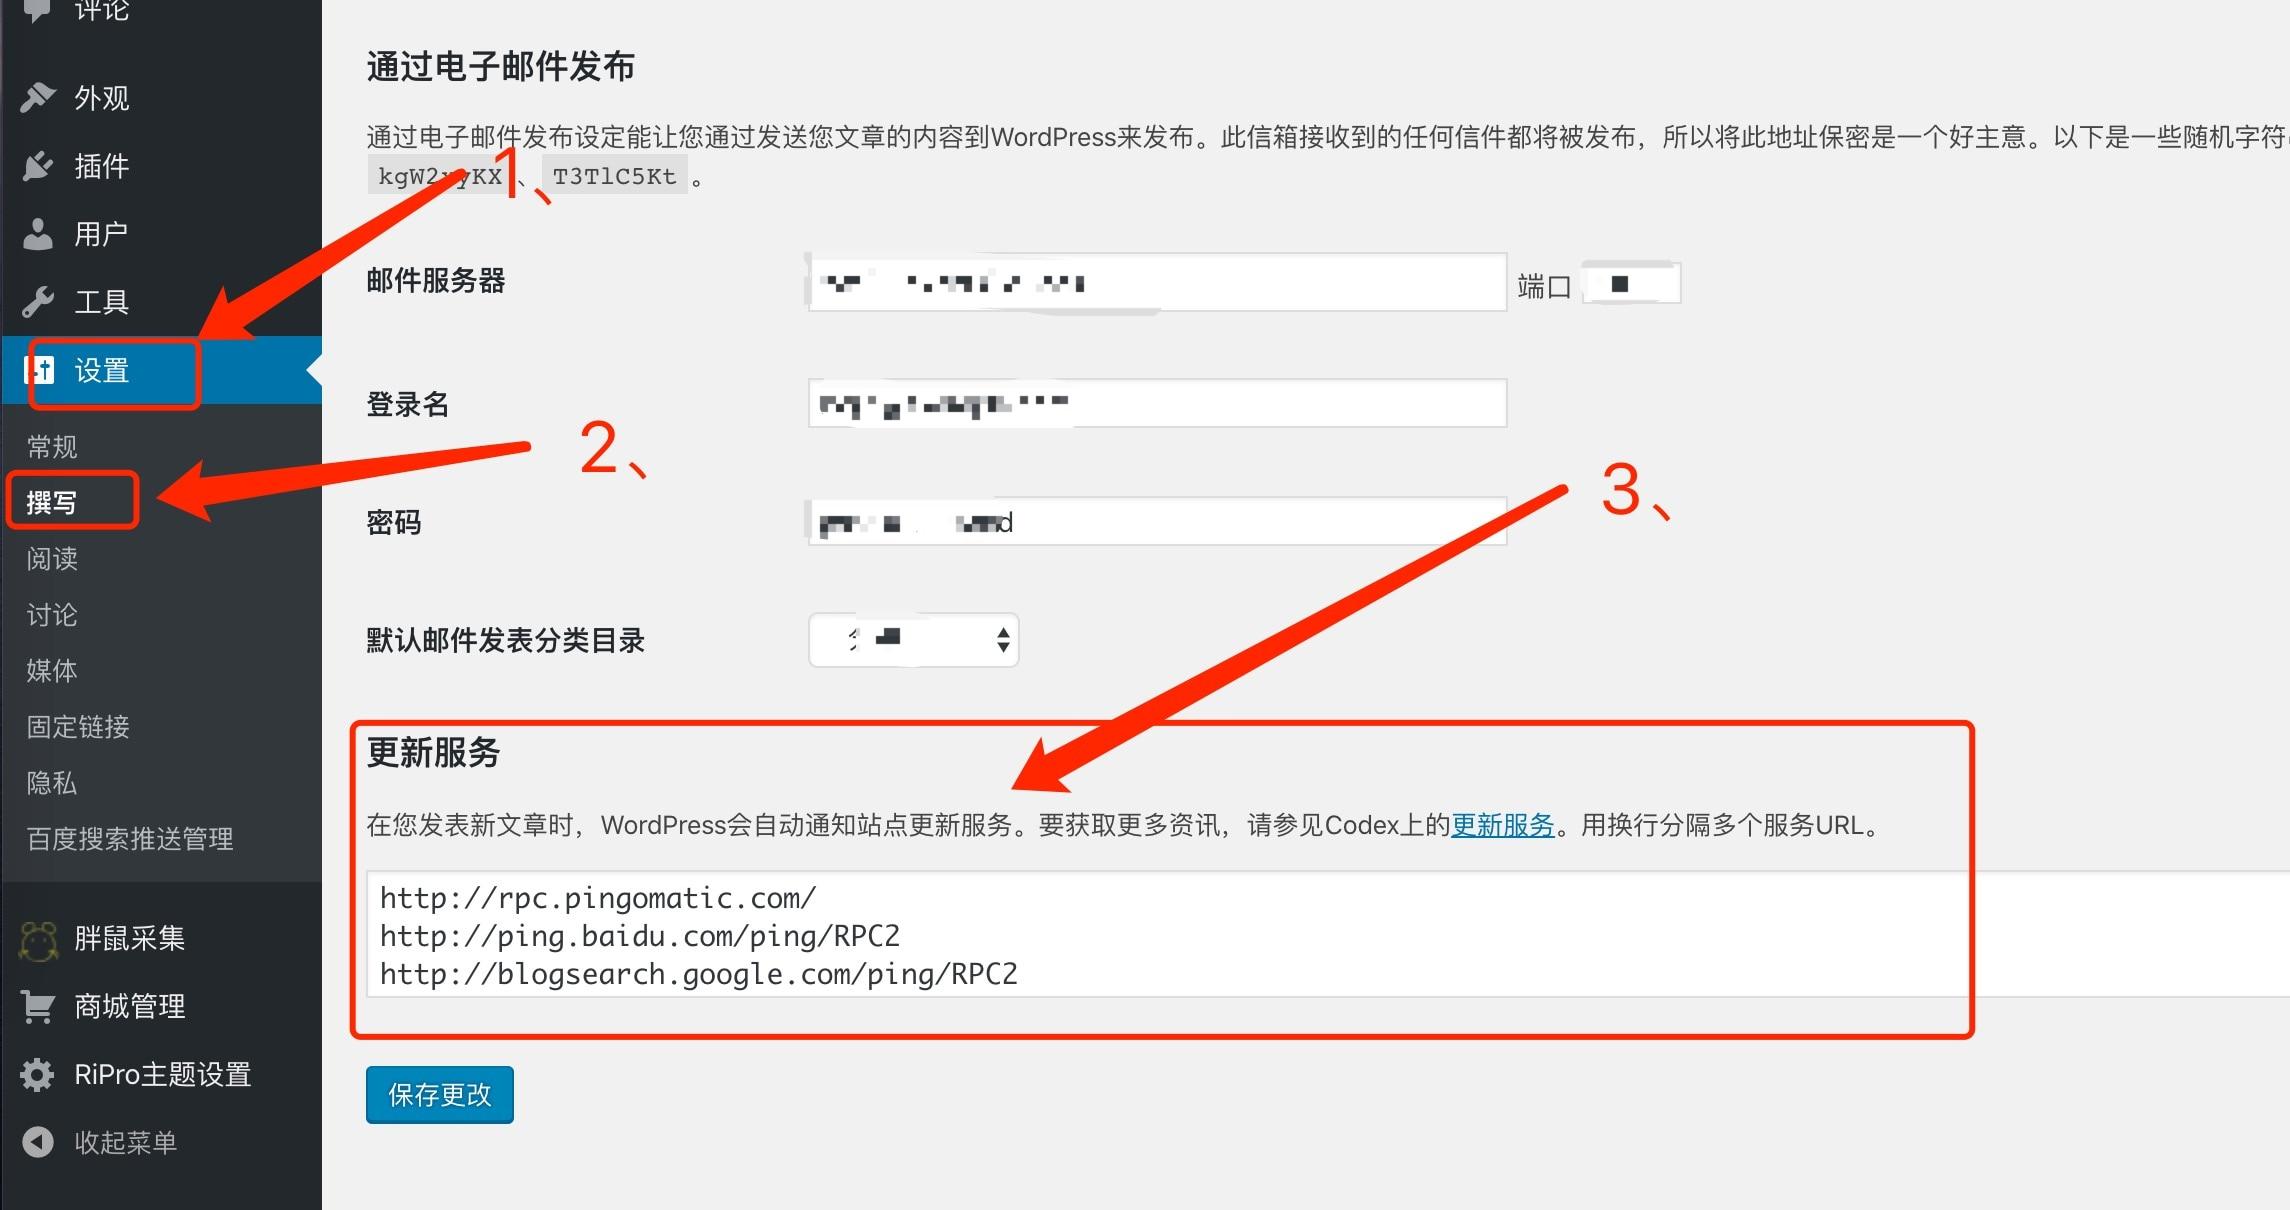 wordpress更新通知服务